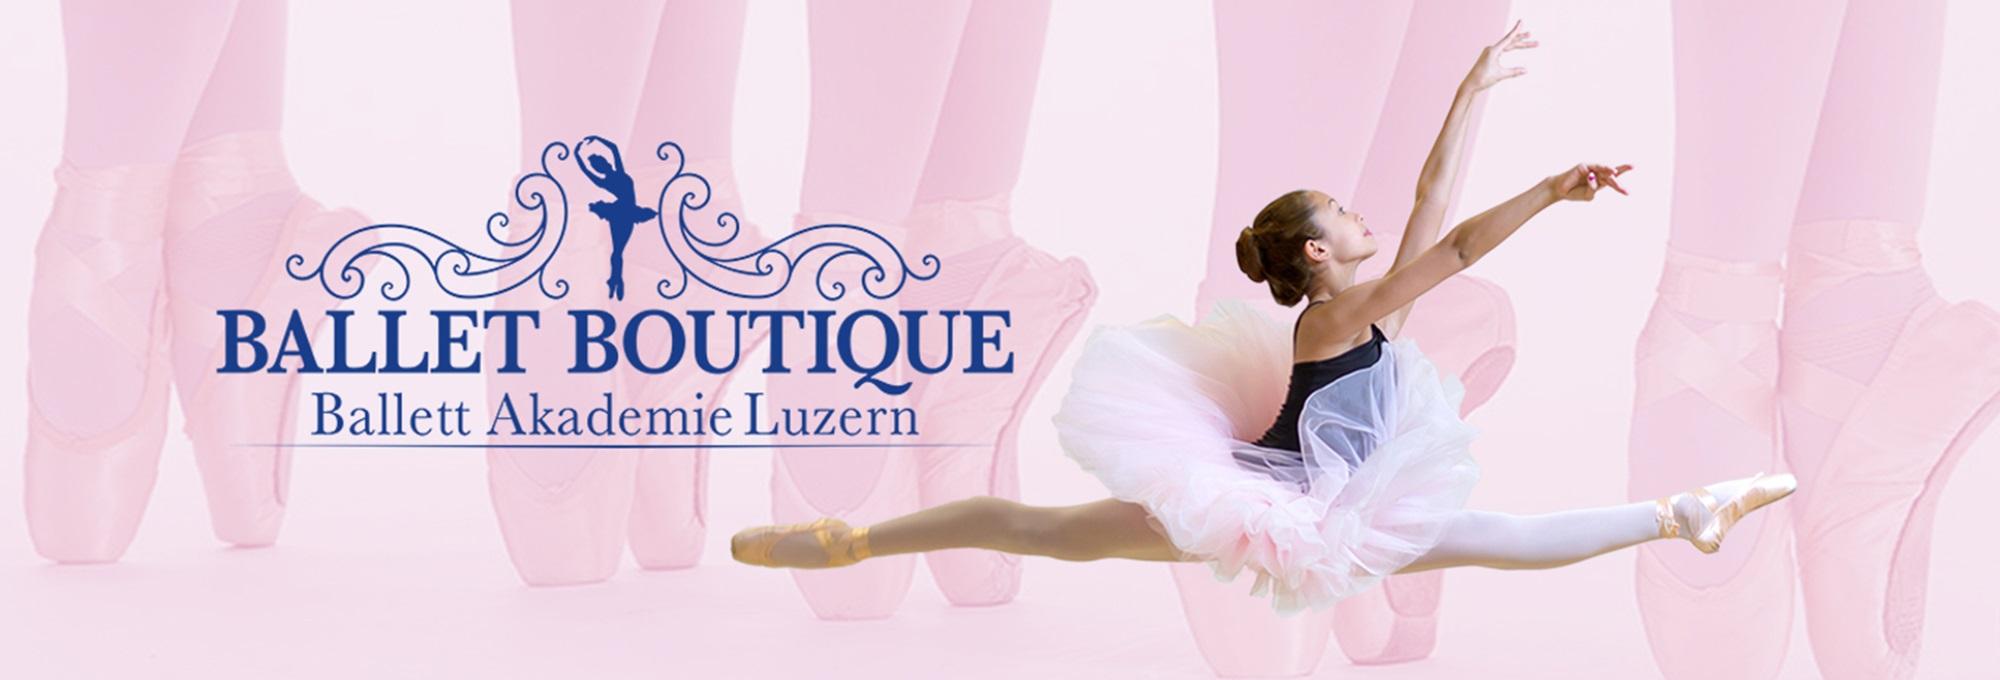 ballett shop luzern - online shop, tanzladen luzern